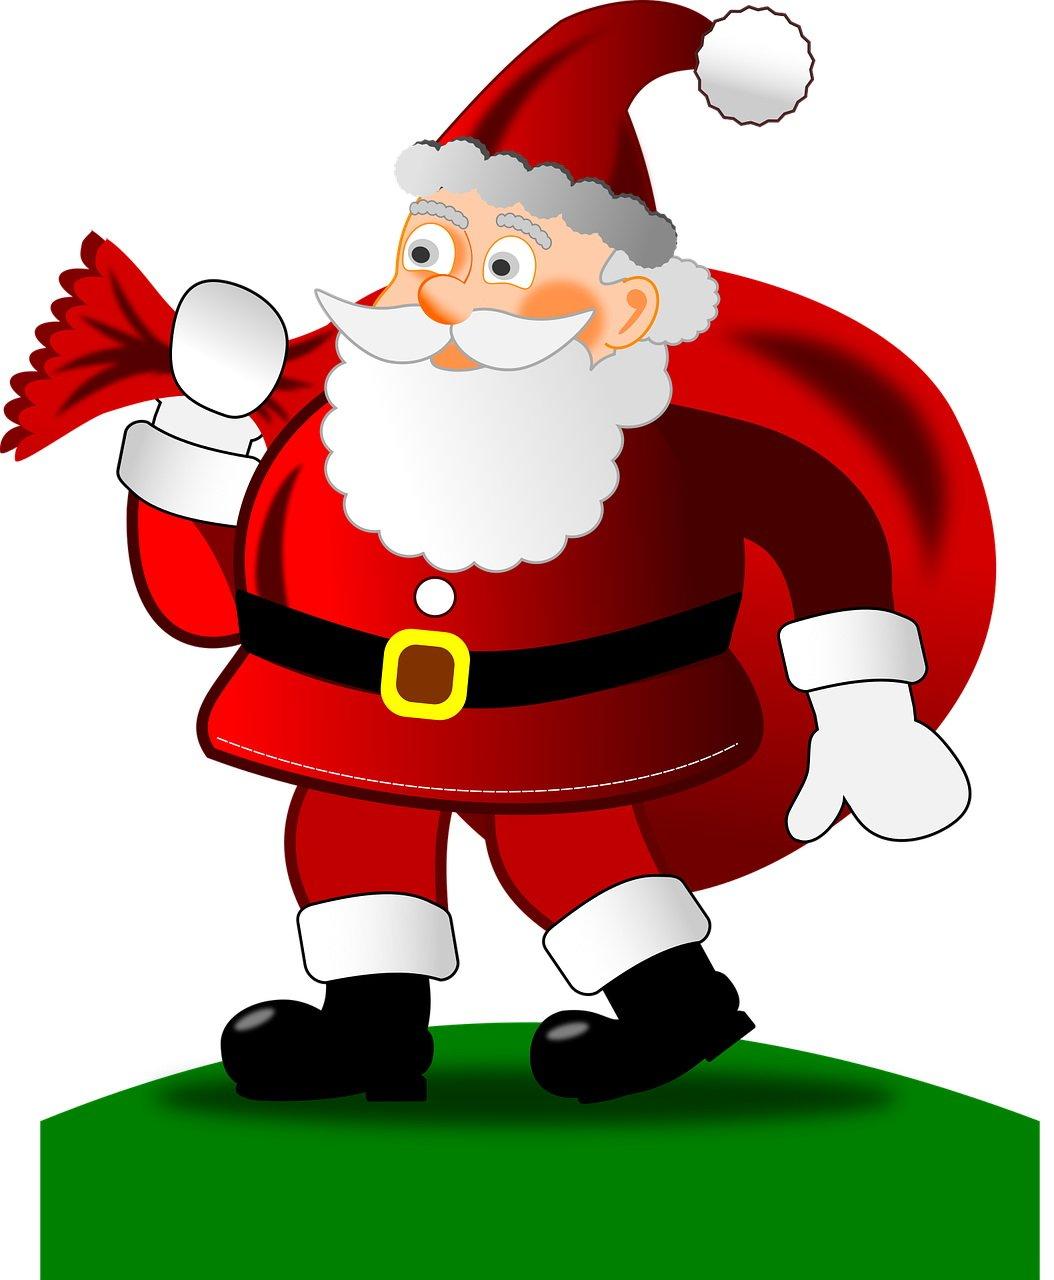 Świąteczna bajka dla dzieci na Boże Narodzenie